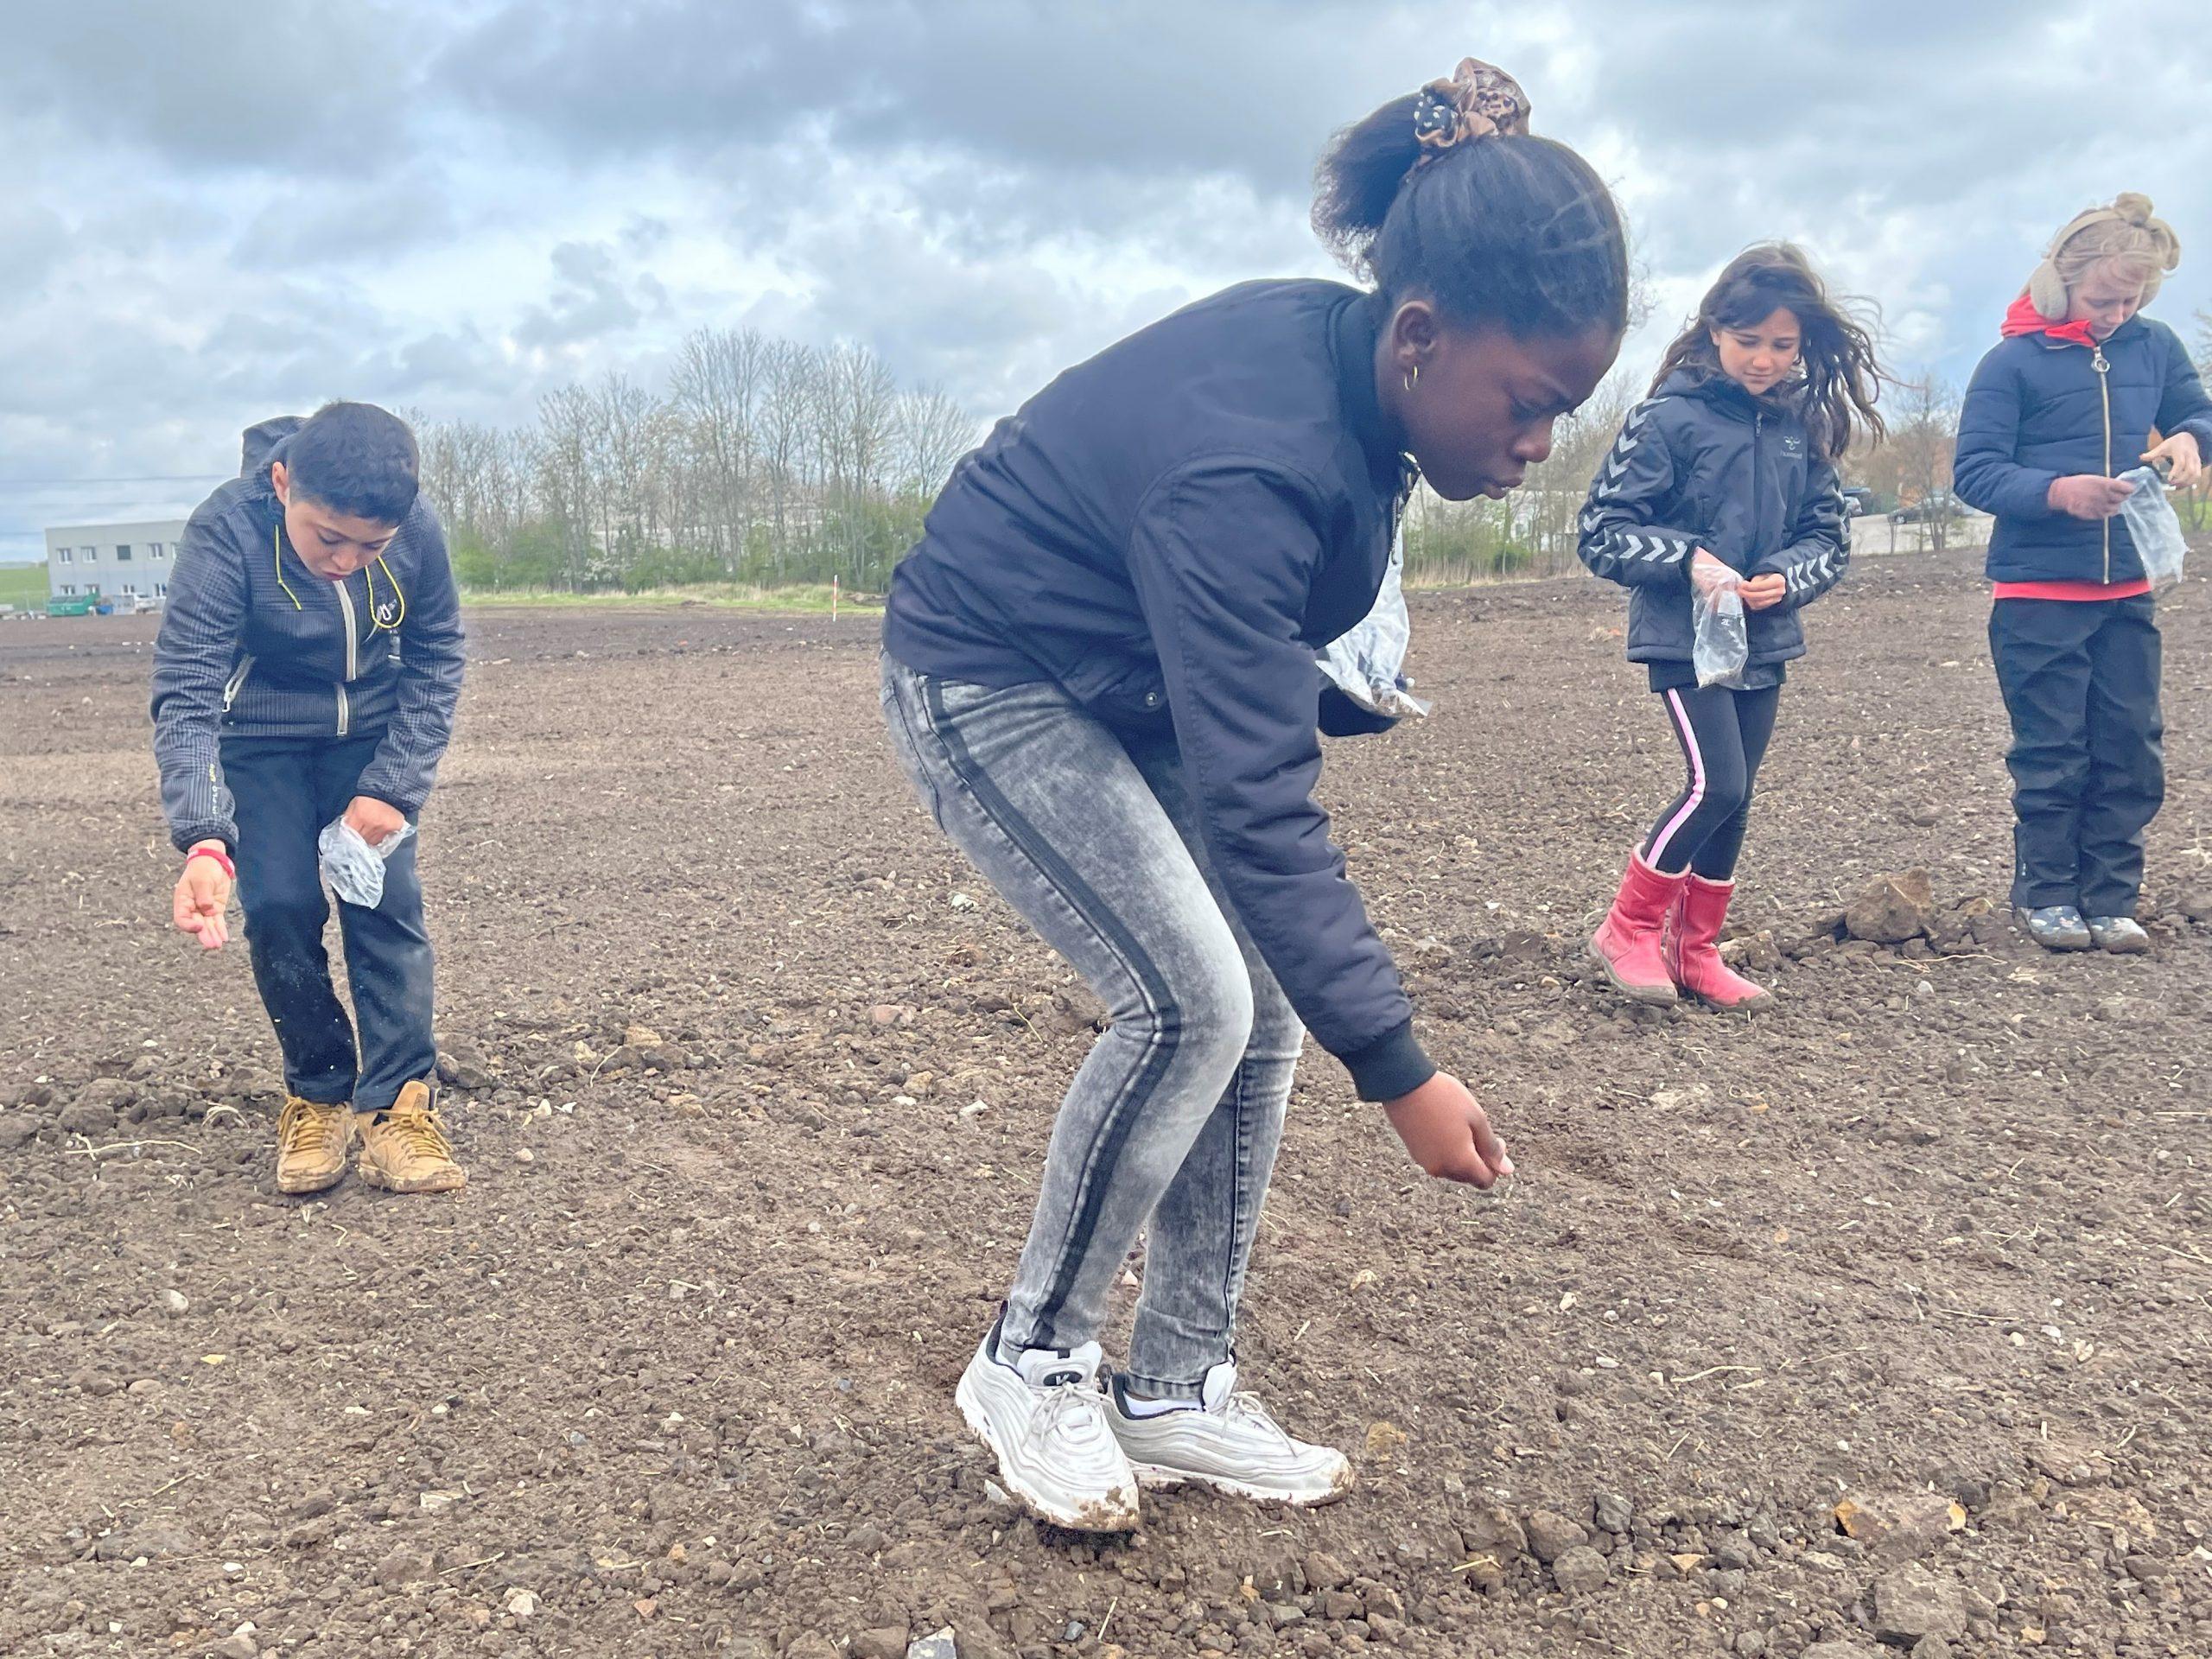 Fra jordmark til vild blomstereng: Søhøjskolens 3.a og 3.b passer på bierne